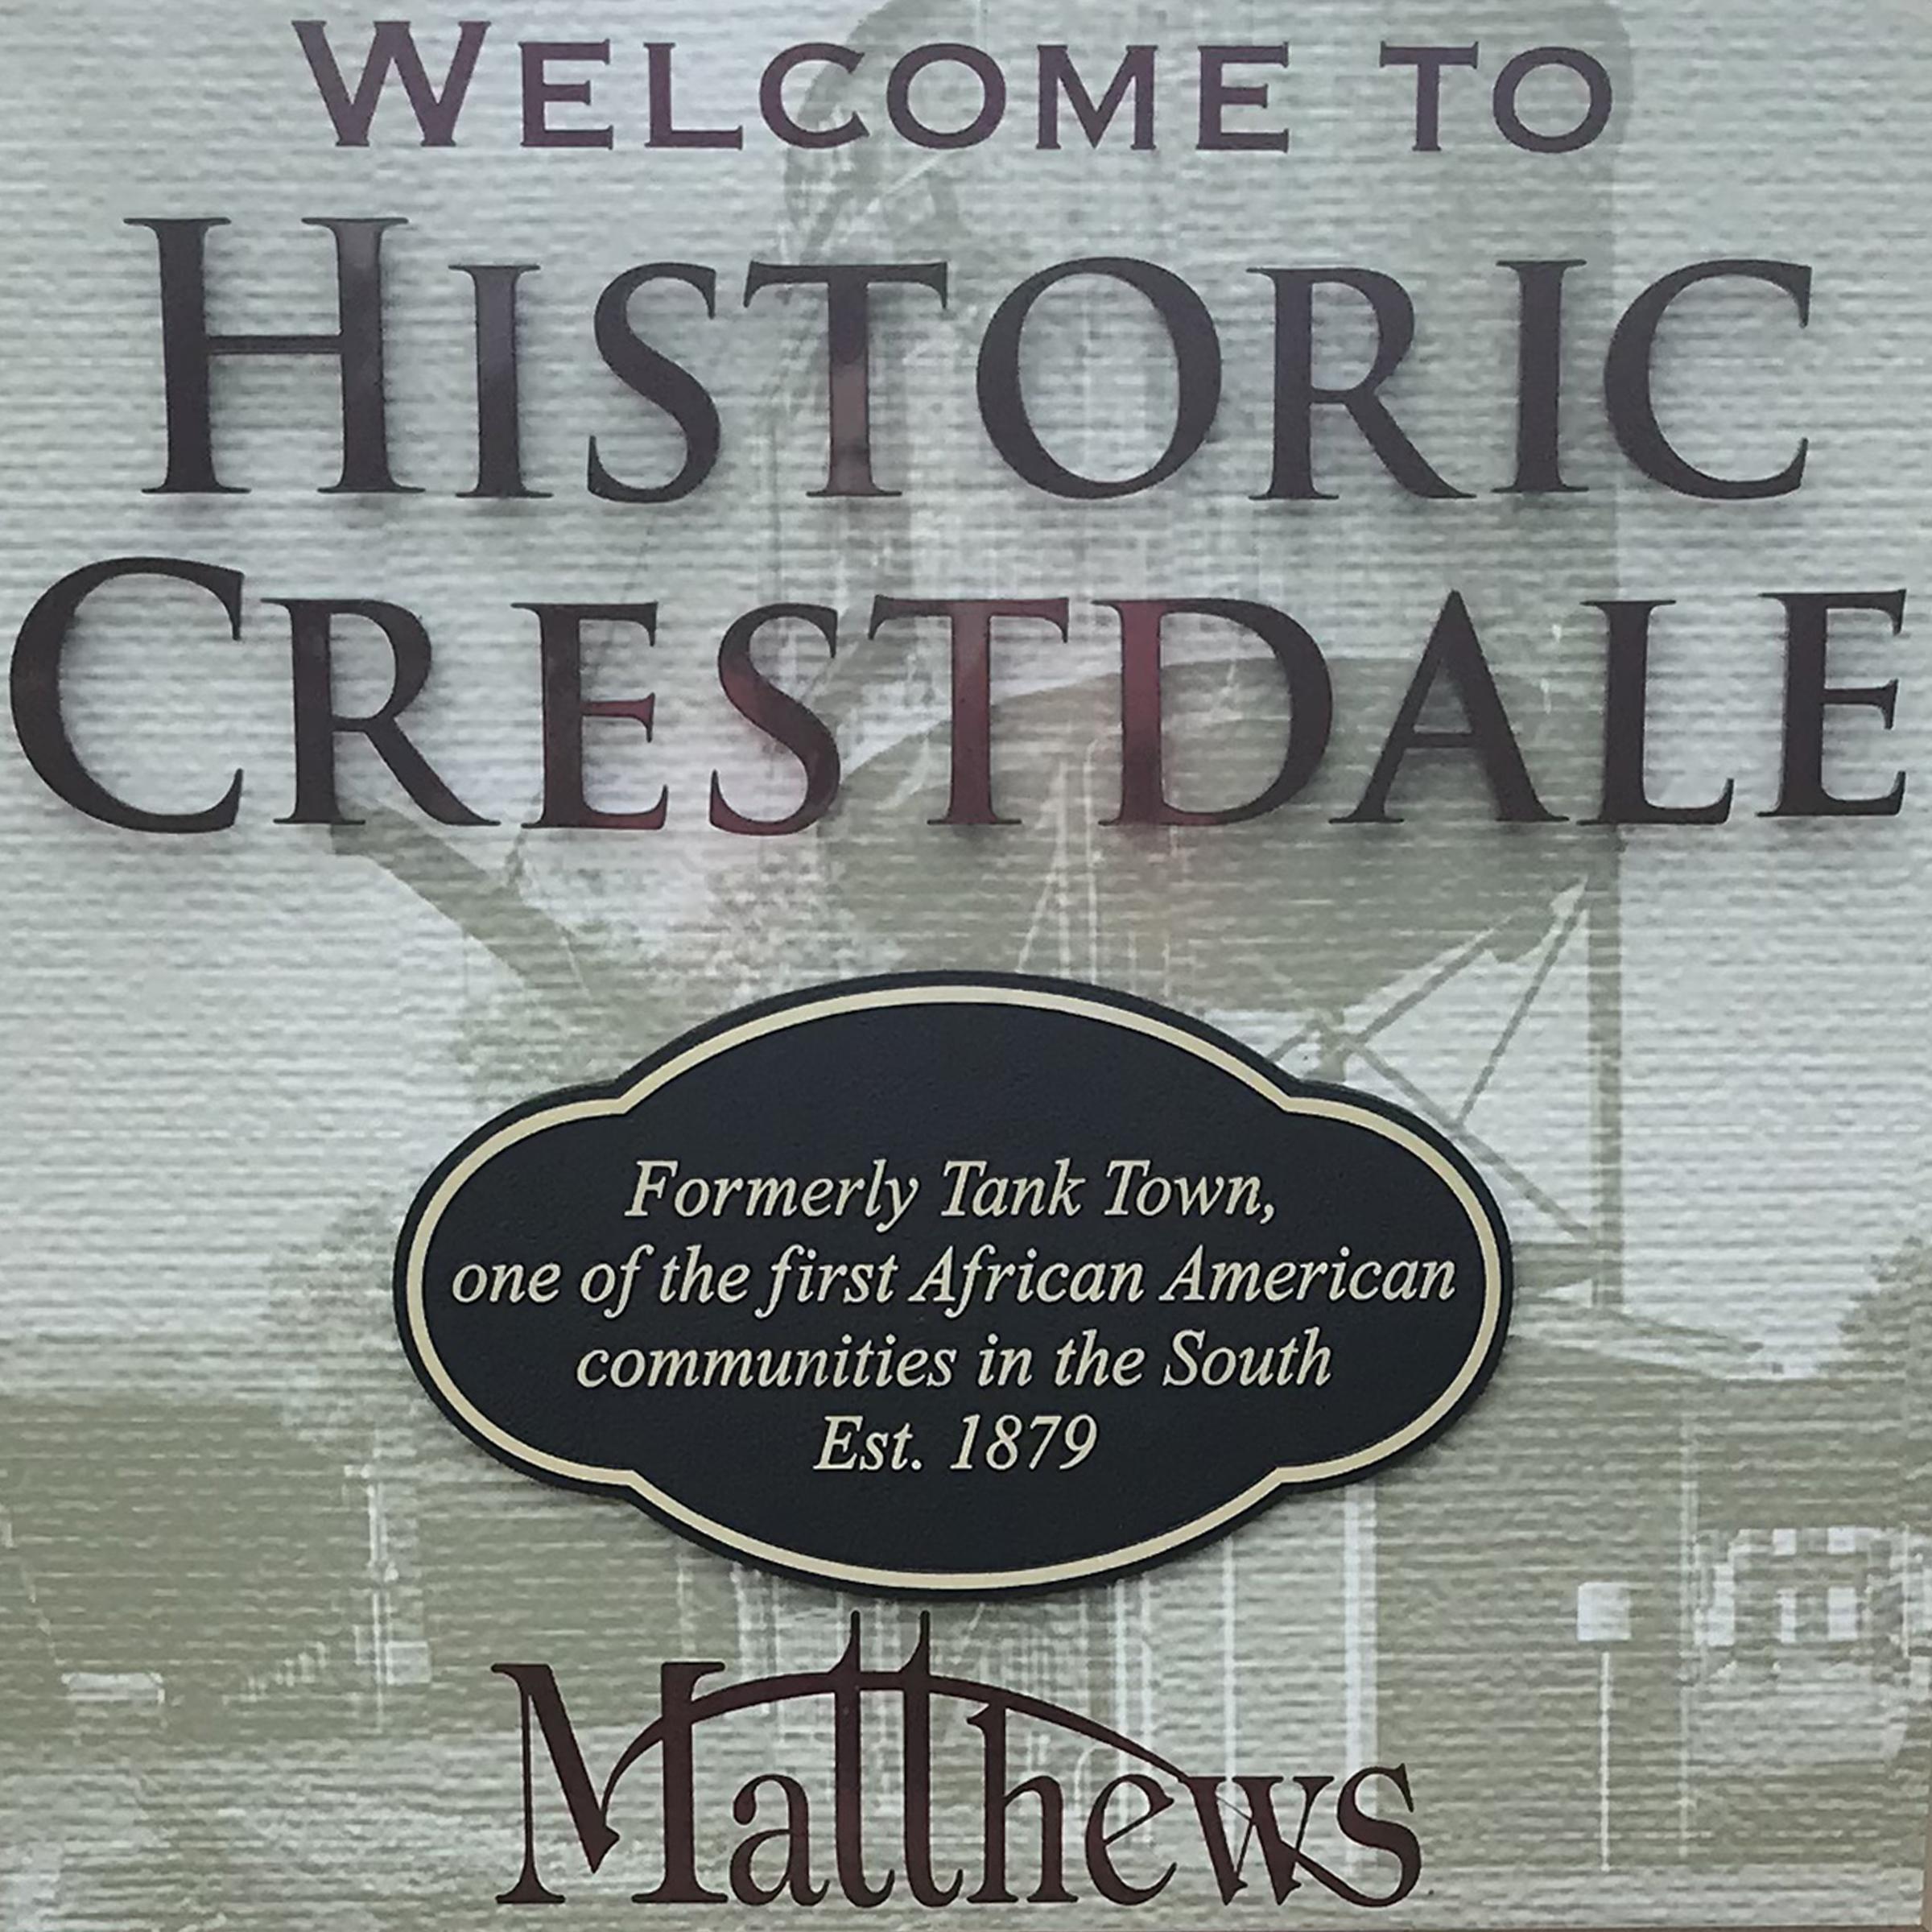 cyma crestdale.jpg